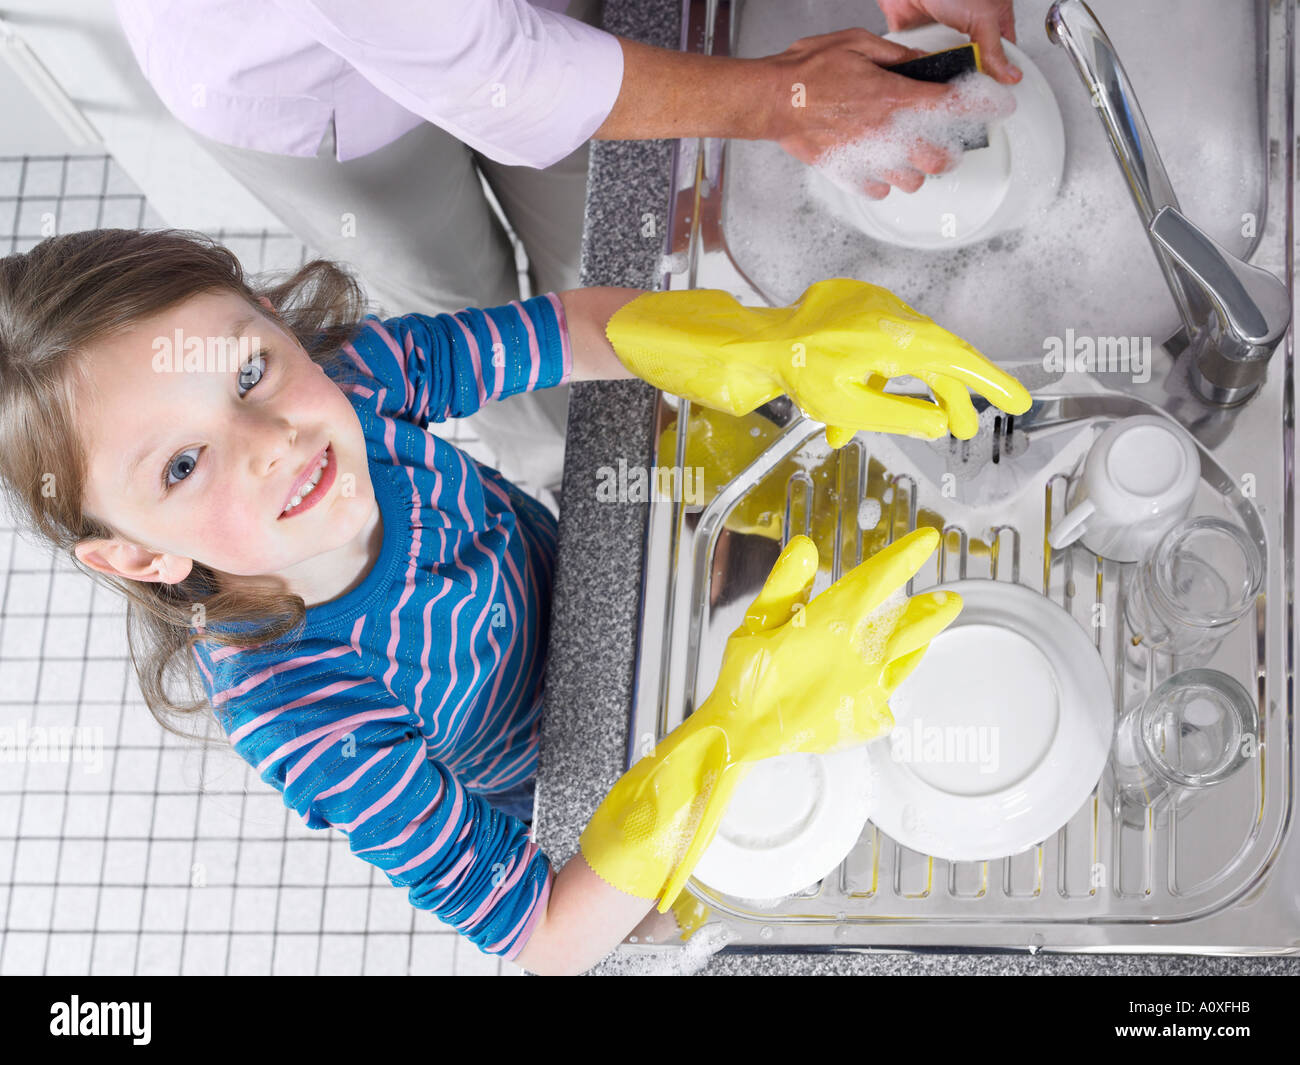 Mädchen mit Abwasch helfen Stockfoto